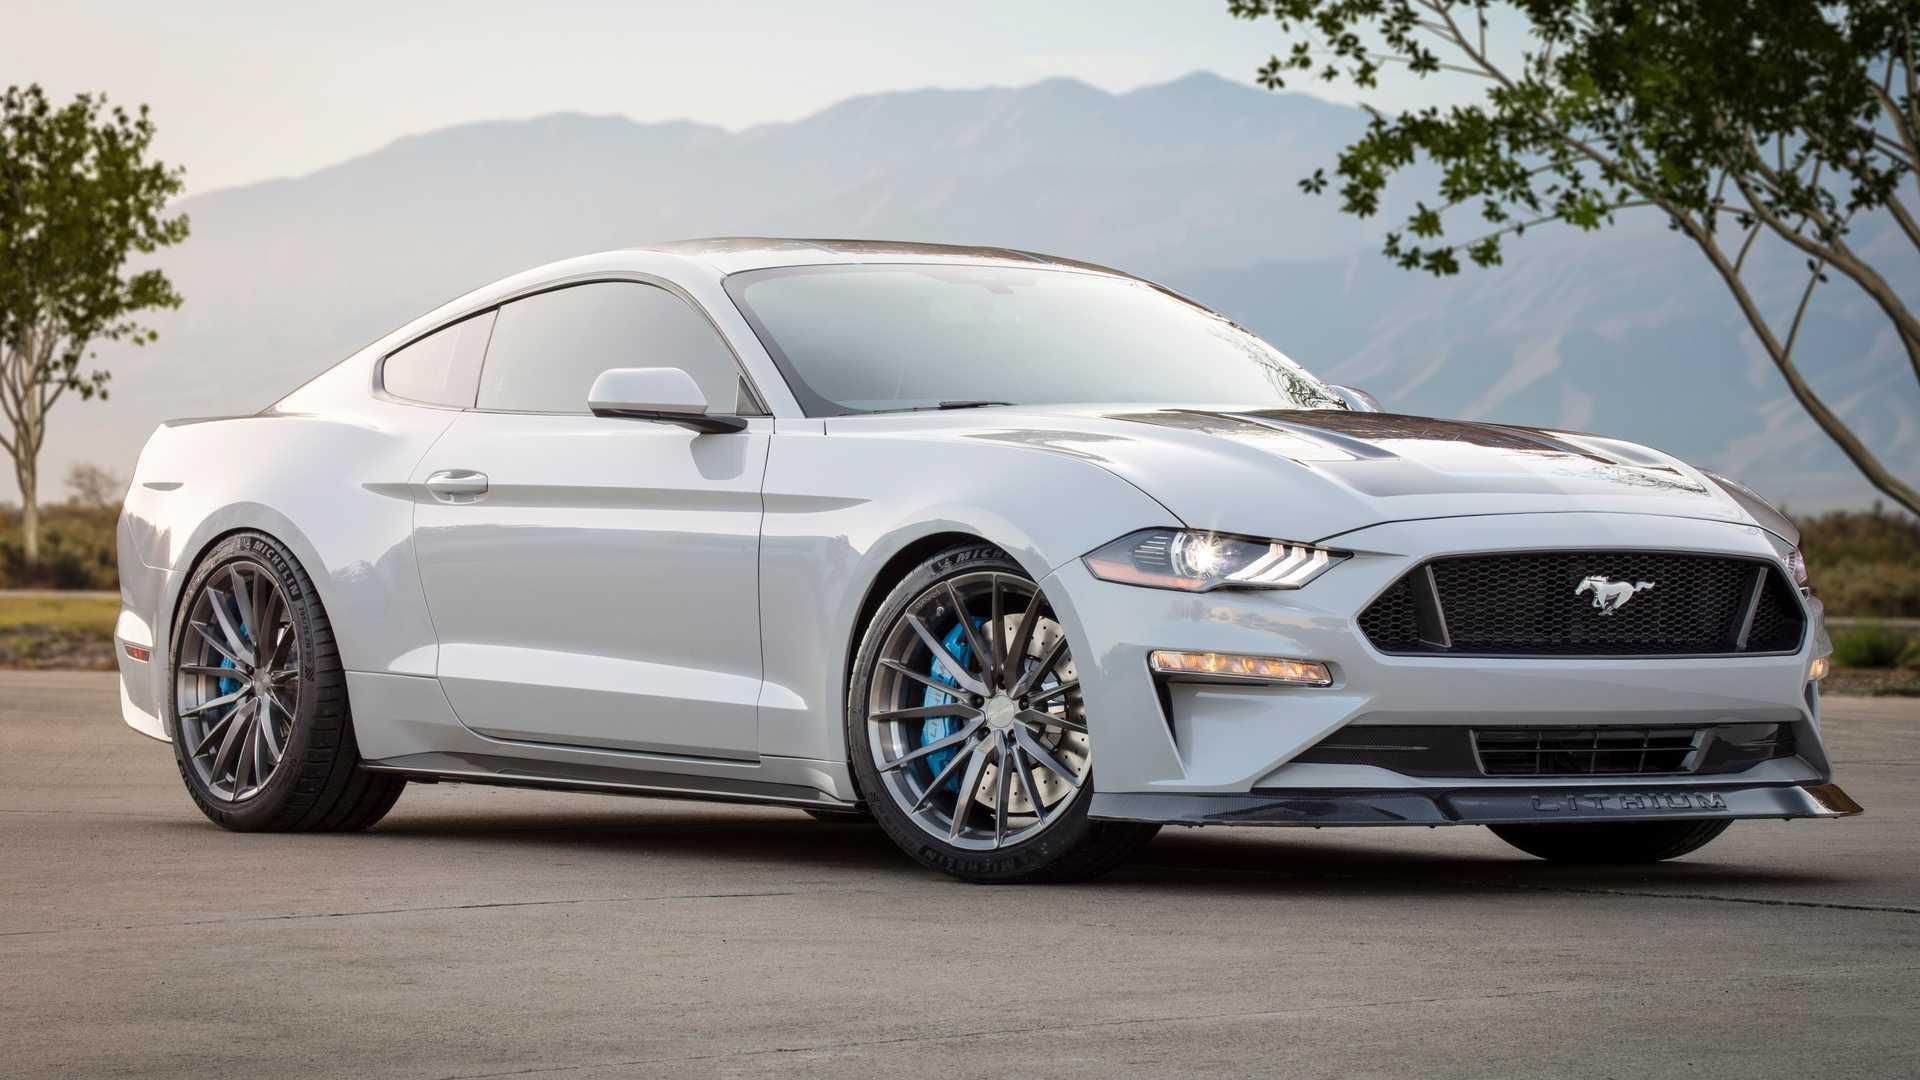 Электрический Ford Mustang поступит в производство в декабре 2028 года: отчет